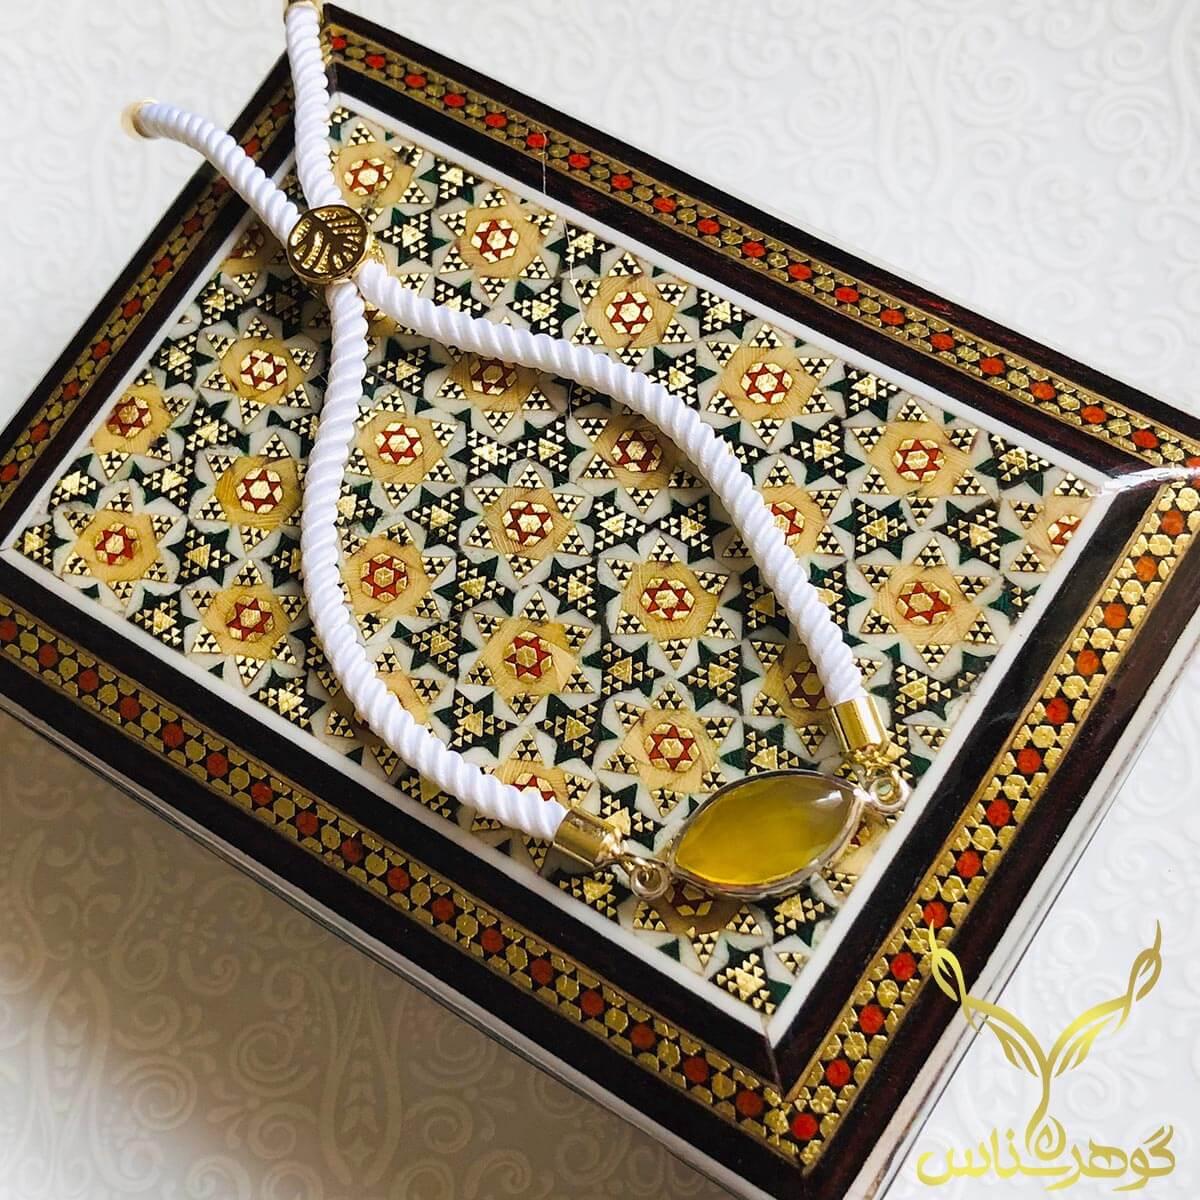 دستبند عقیق کدSC003 یک دستبند دستسار به همراه عقیق اصل یمانی ساخته شده توسط جواهرساز دهقانی مدیریت طلاسازی هرمز و فروشگاه آنلاین گوهرشناس